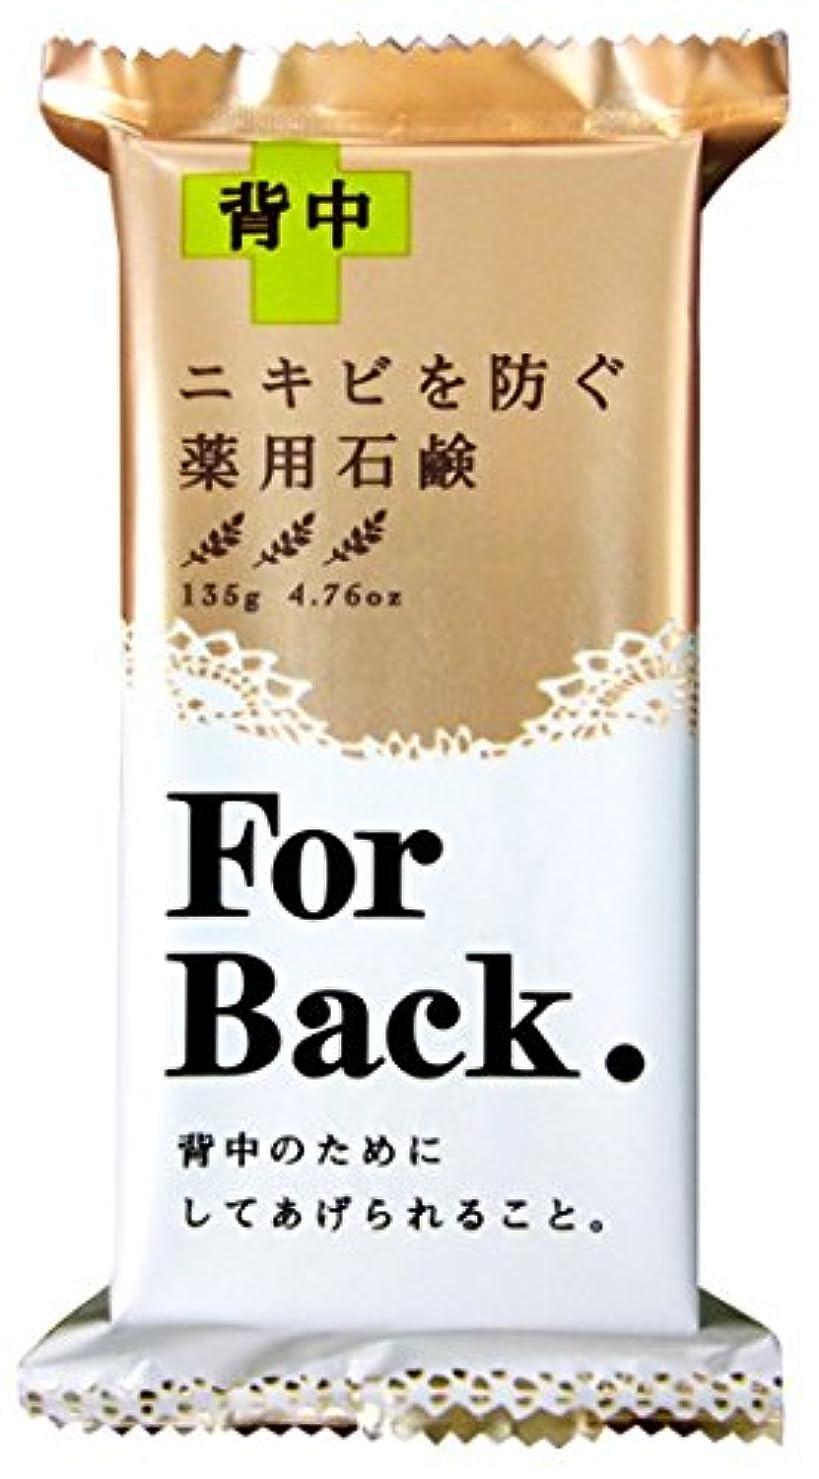 やろうキャメルバンジョー薬用石鹸ForBack 135g × 72個